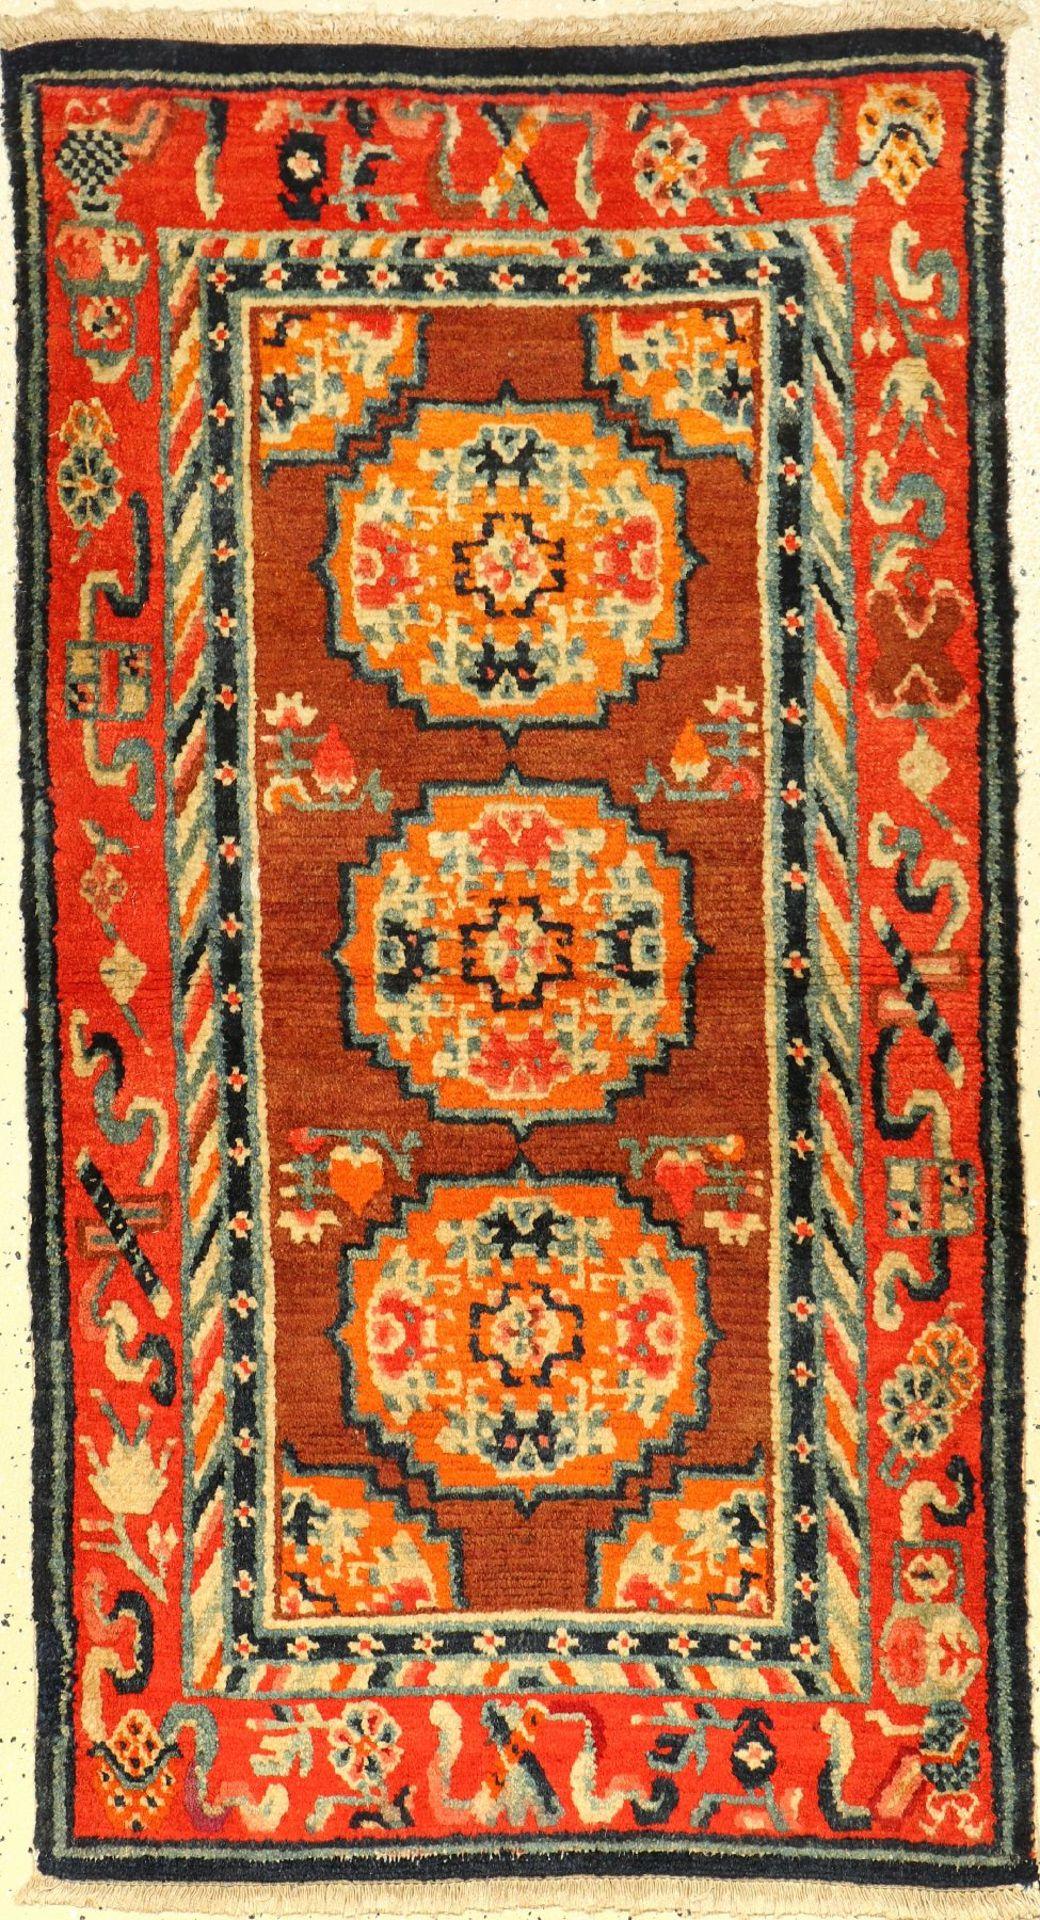 """Meditationsteppich antik, Tibet, um 1900, Wolle auf Baumwolle, ca. 137 x 75 cm, EHZ: 2-3Tibetan """""""